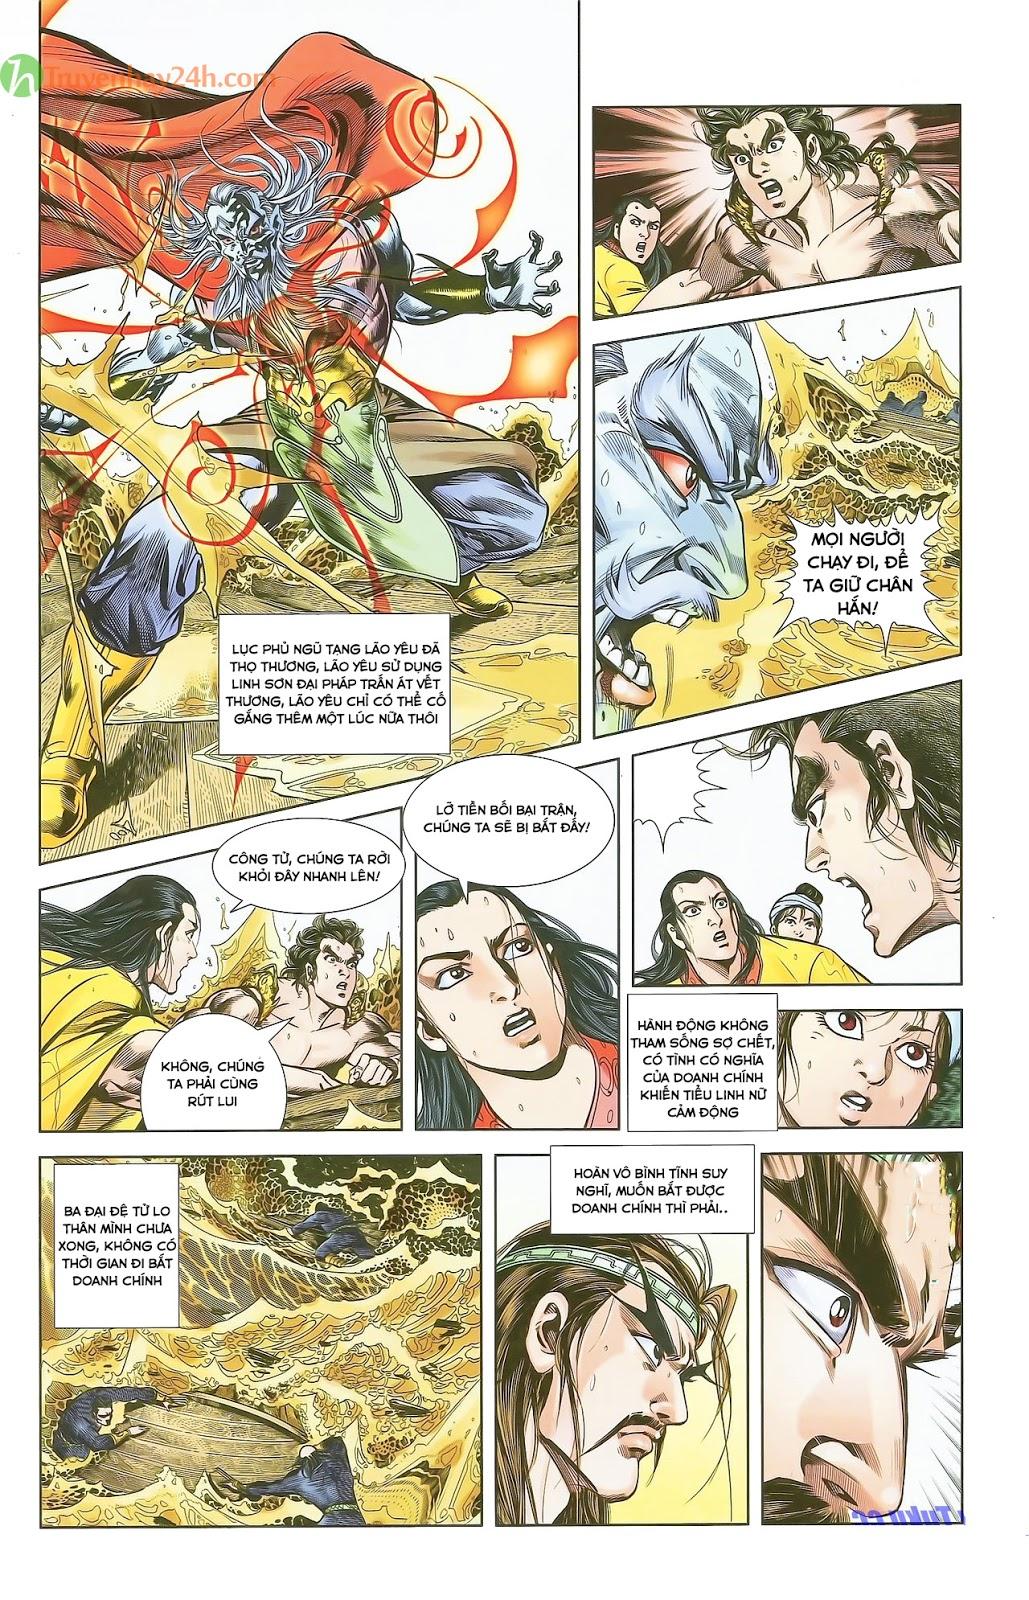 Tần Vương Doanh Chính chapter 28 trang 5